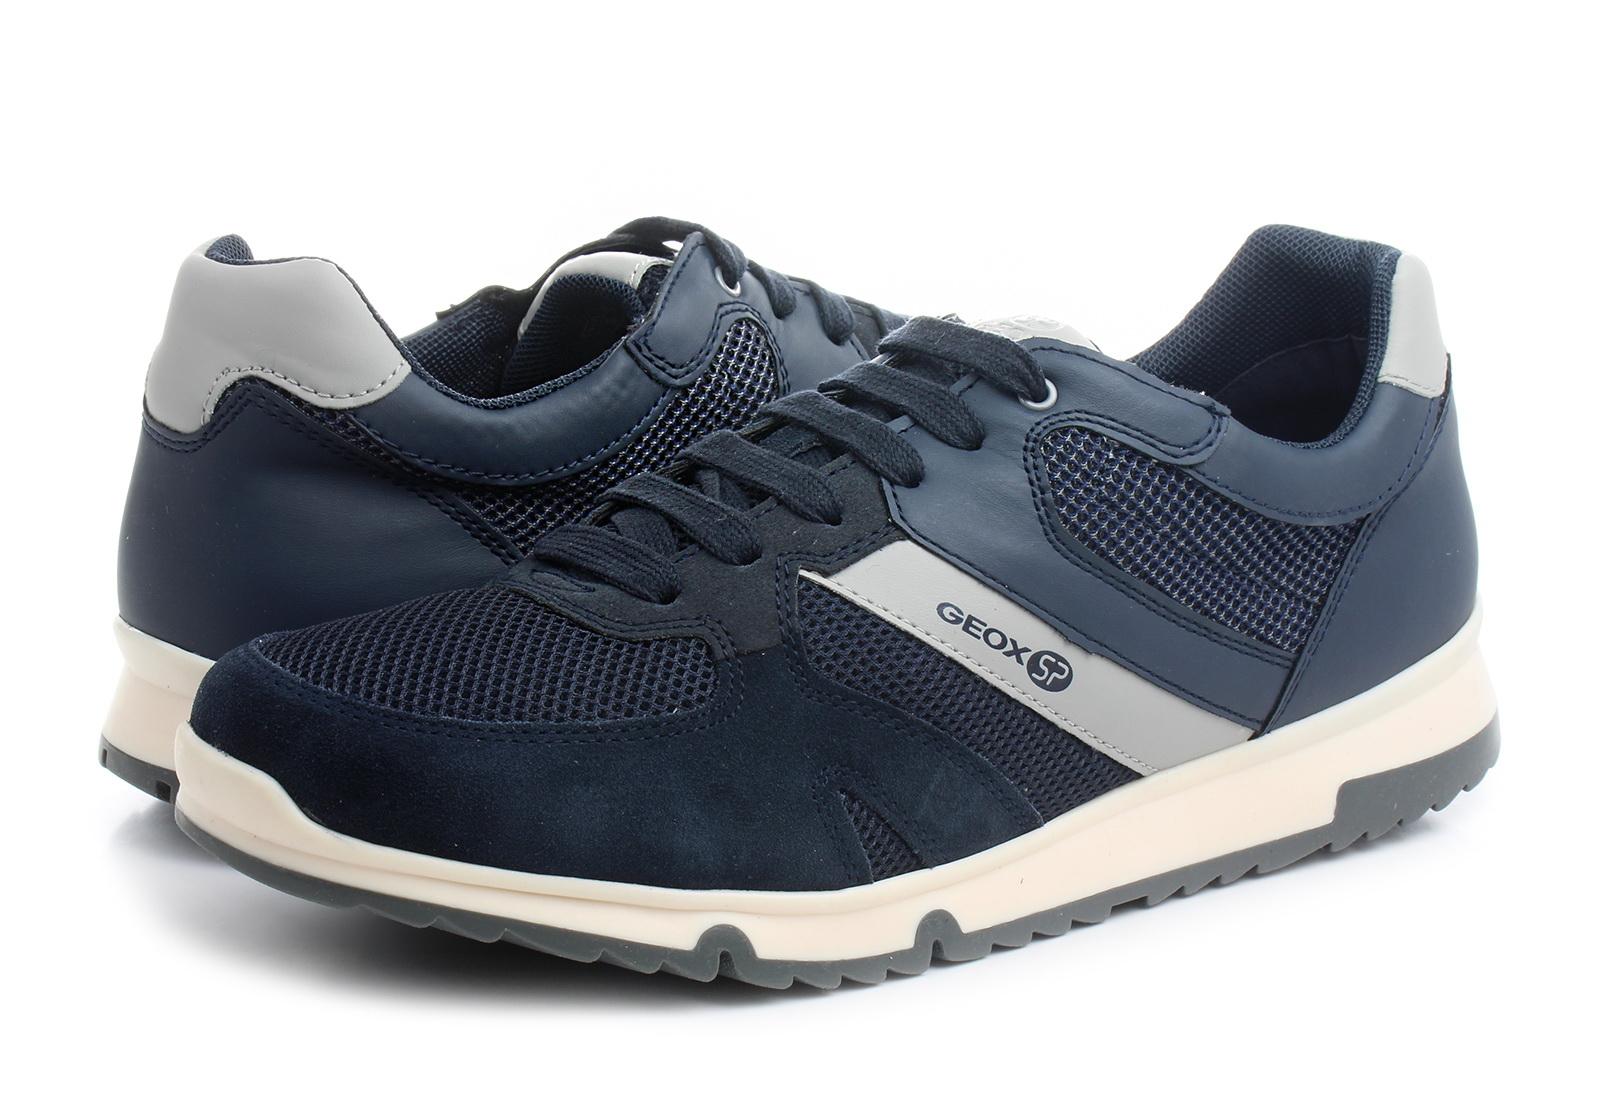 Corrección Brillar Pacífico  Geox Pantofi - Wilmer - 3XB-1422-C4064 - Office Shoes Romania